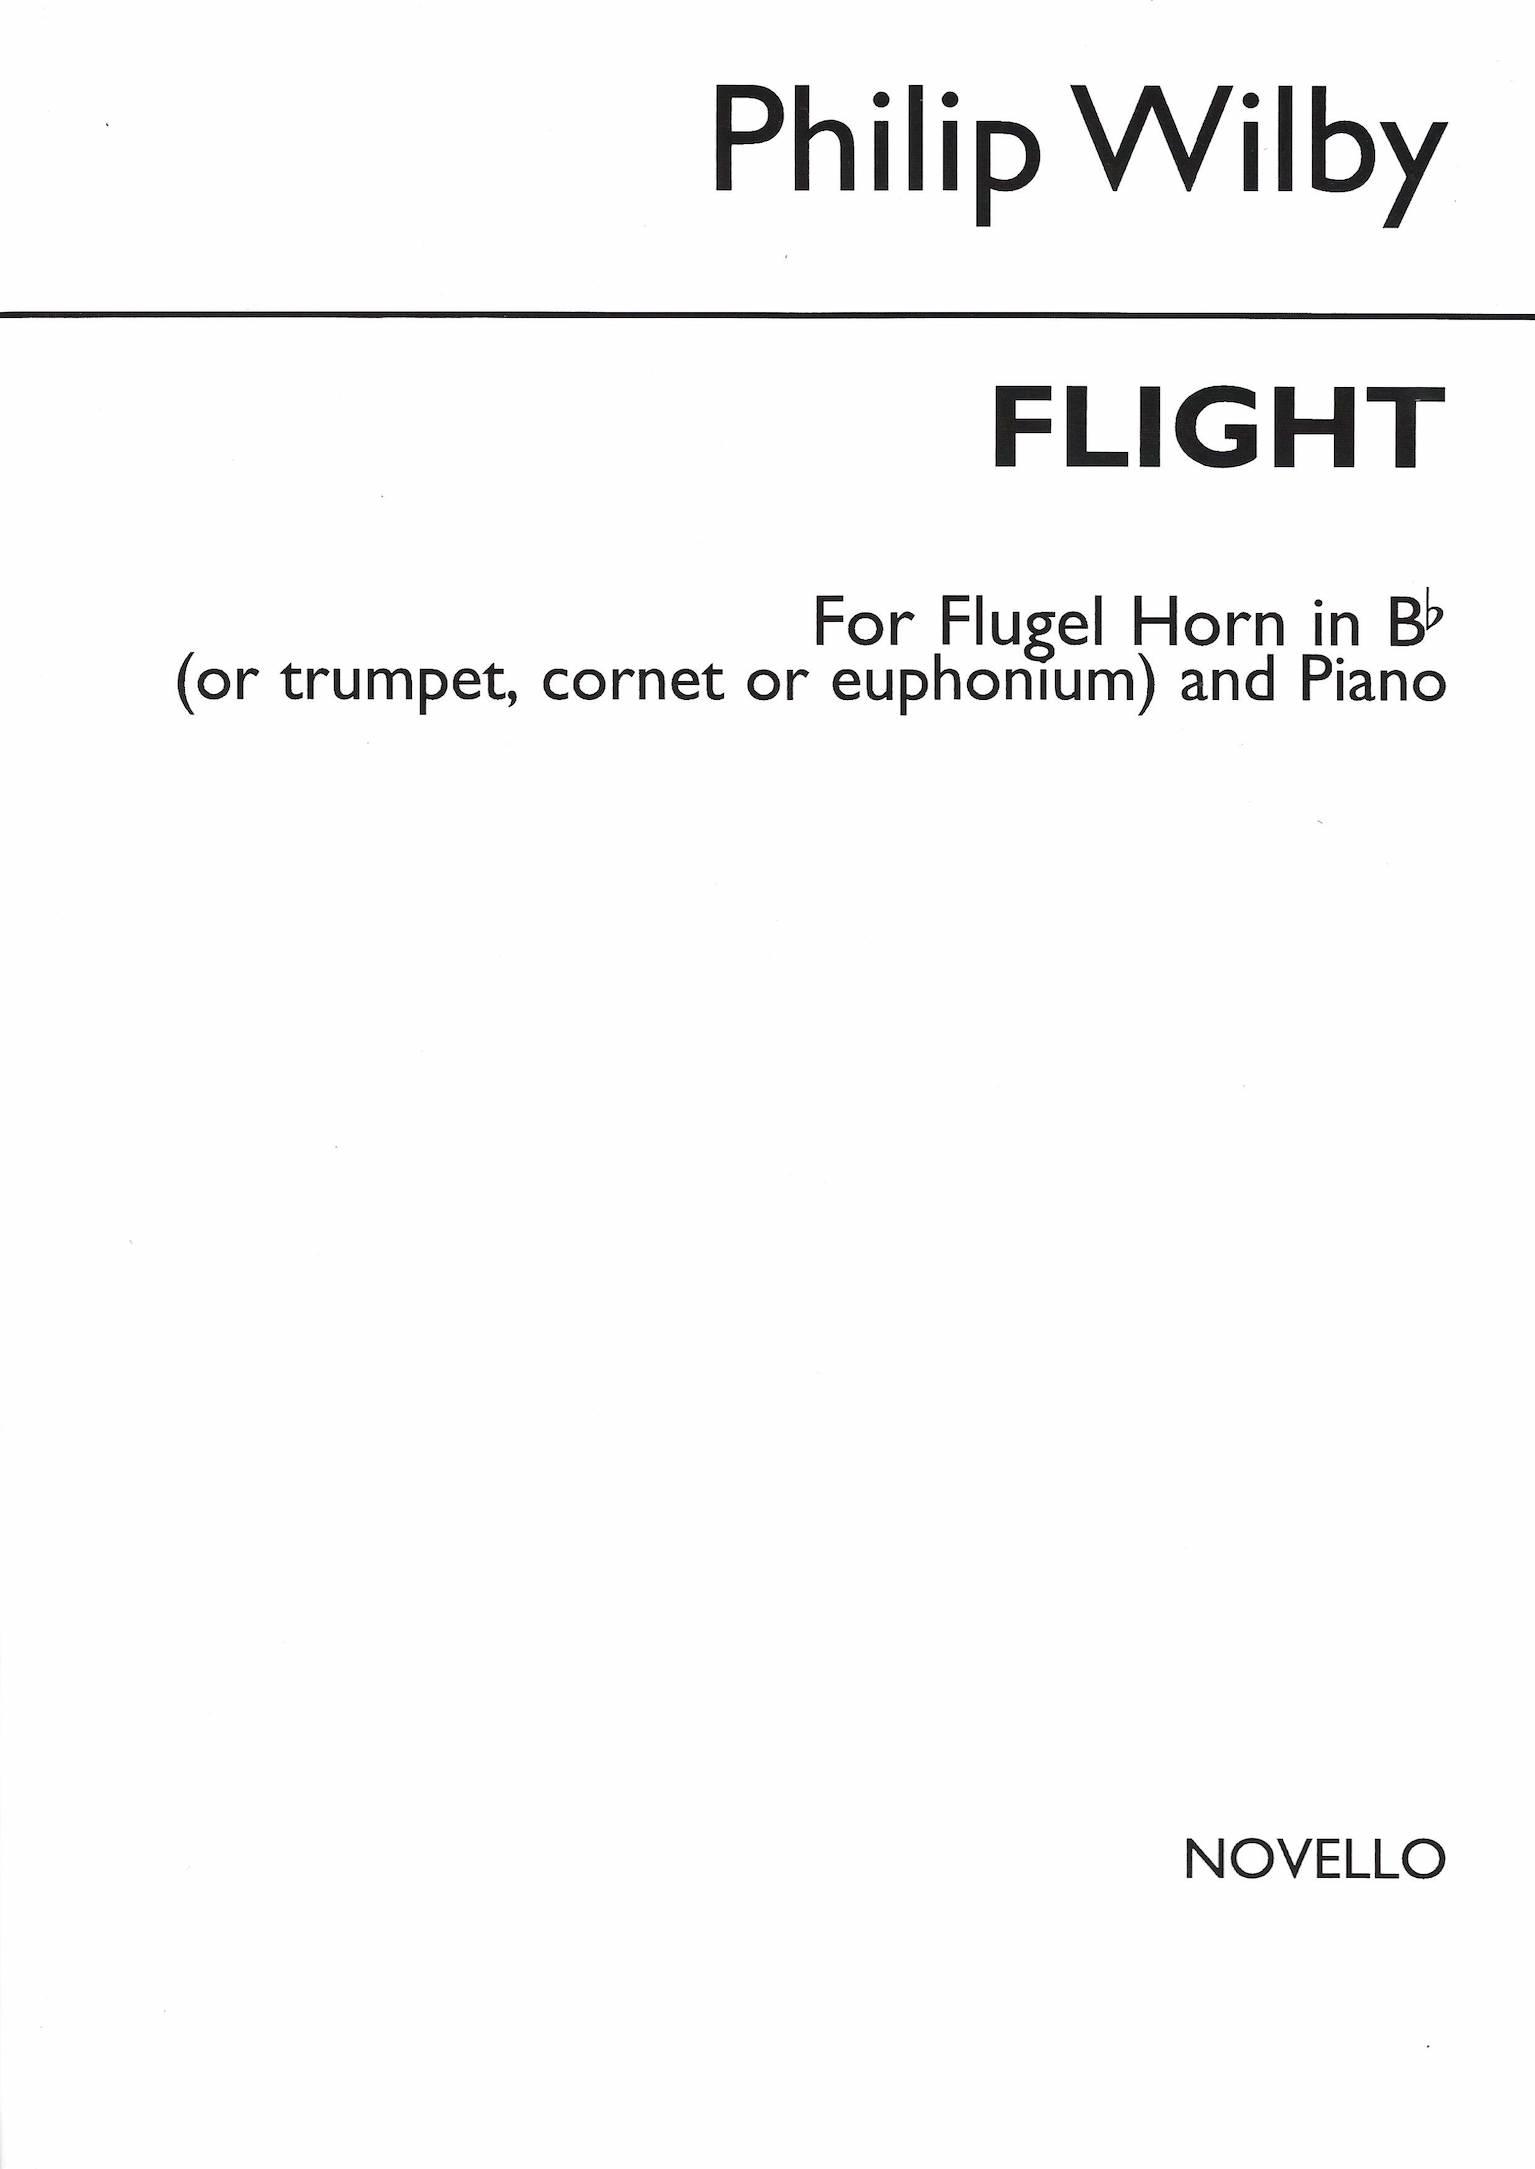 Flight - Philip Wilby - Euphonium (or Flugel,Cornet,Trumpet) and Piano